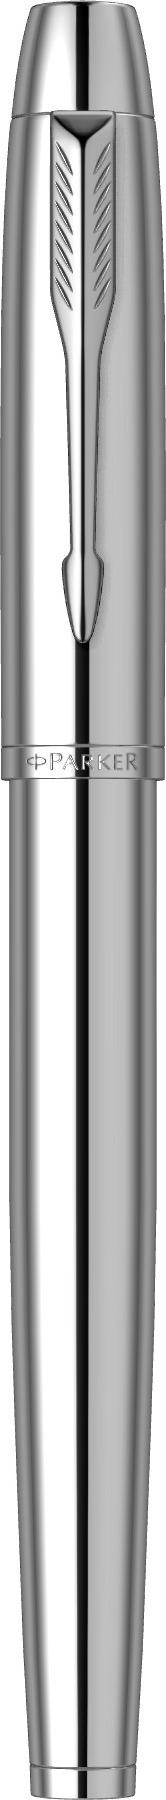 Shiny Chrome CT-1432